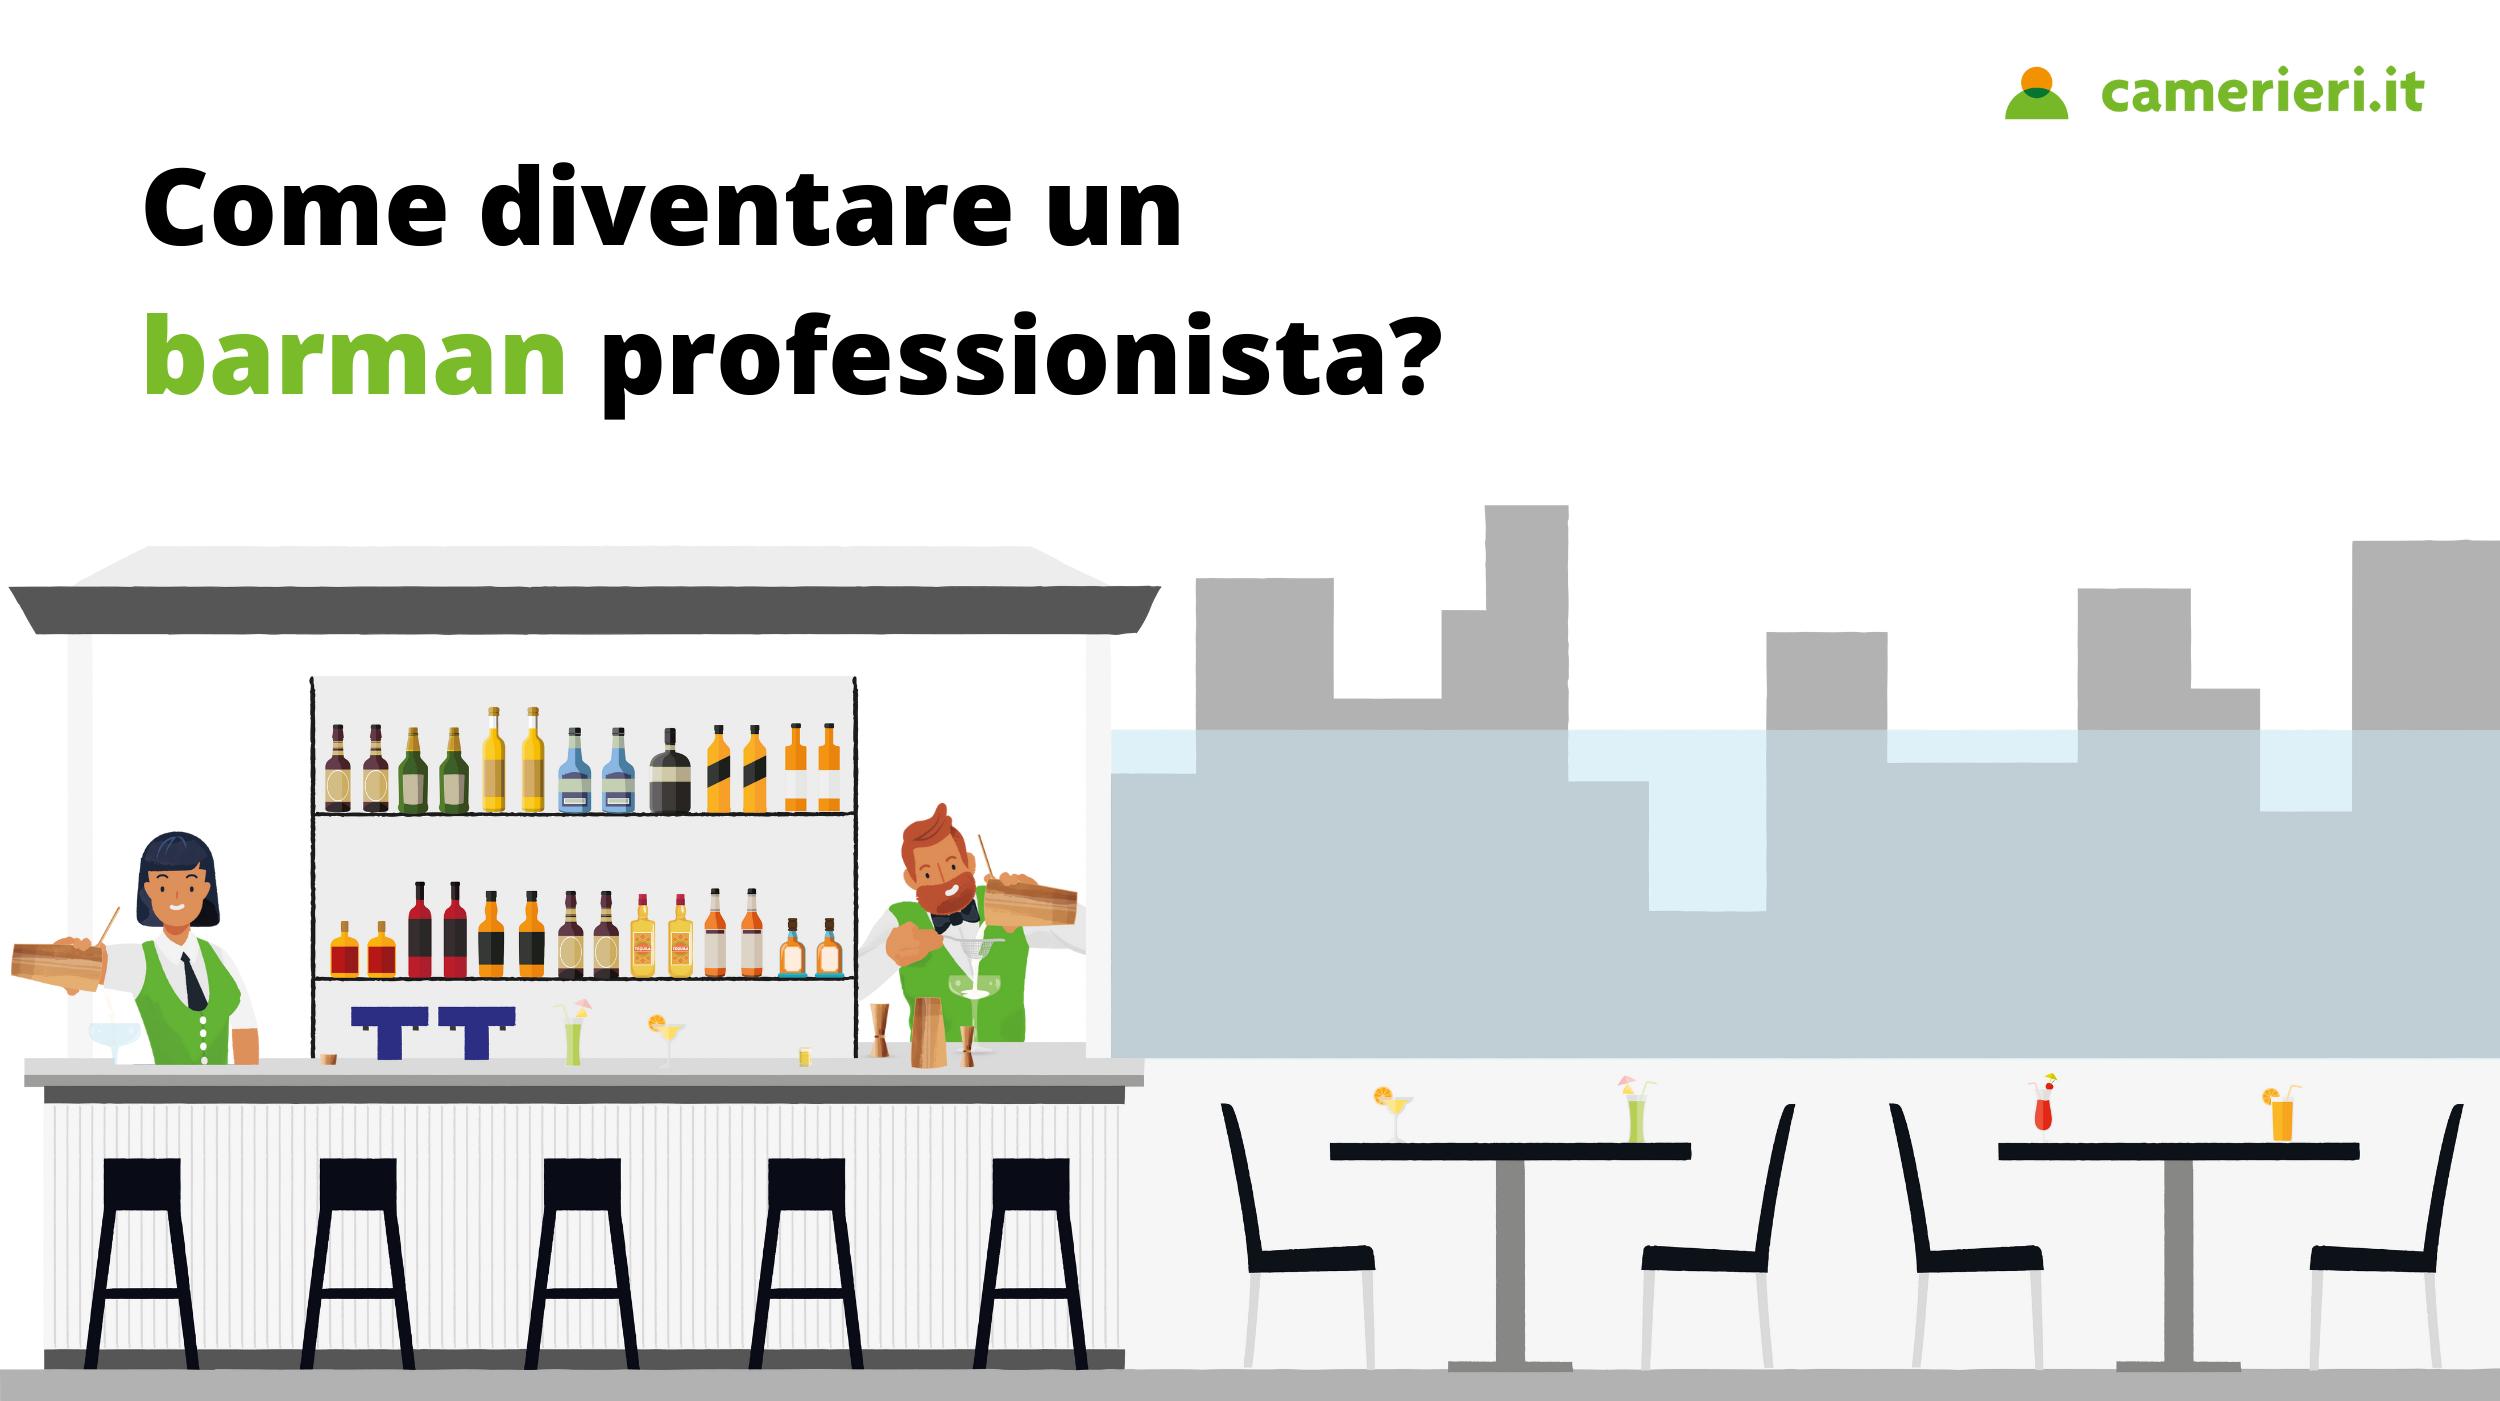 come diventare un barman professionista